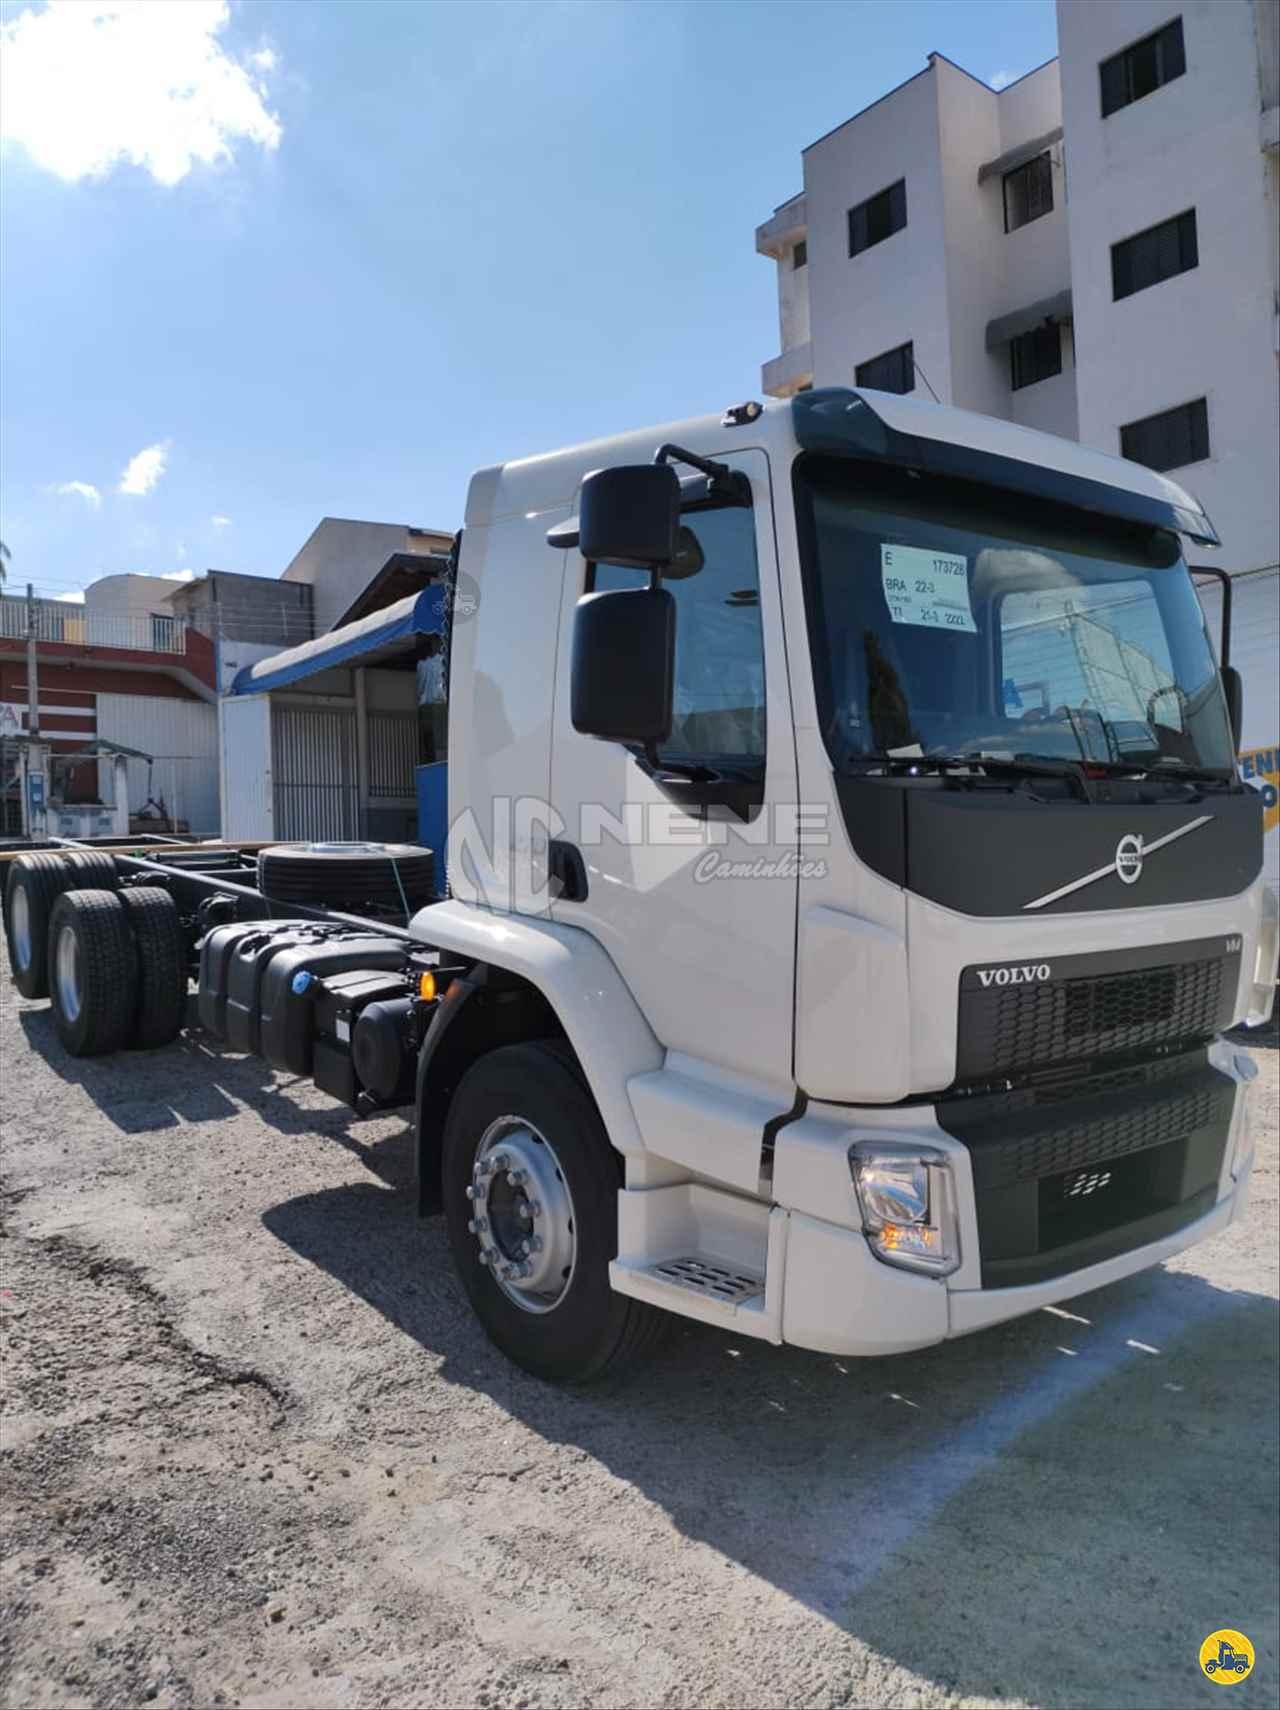 CAMINHAO VOLVO VOLVO VM 270 Chassis Truck 6x2 Nene Caminhões SAO JOAO DA BOA VISTA SÃO PAULO SP